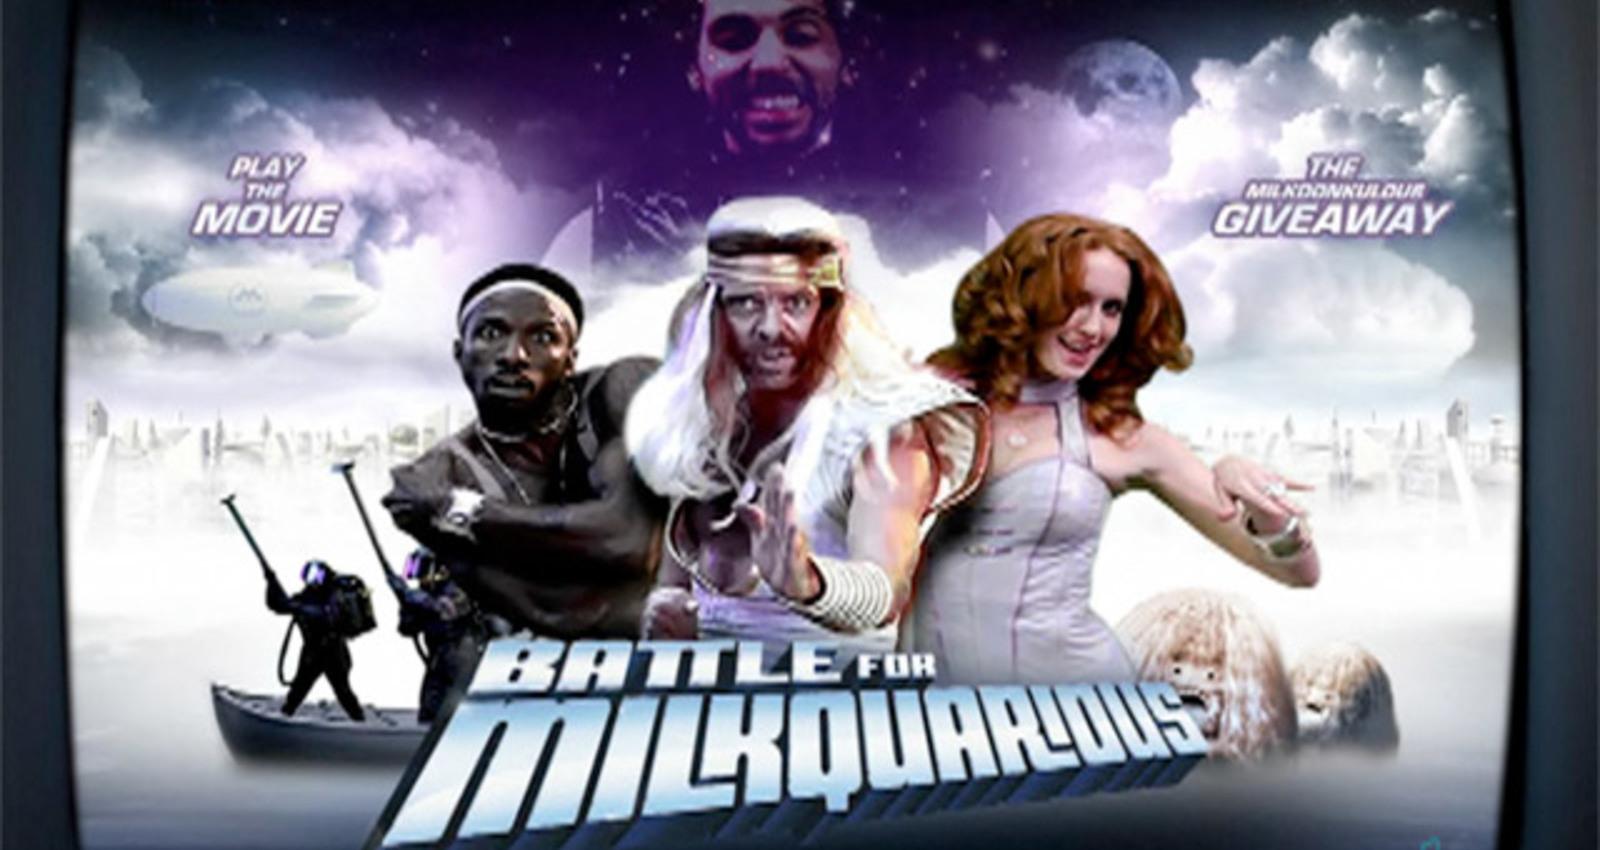 White Gold's Battle for Milkquarious